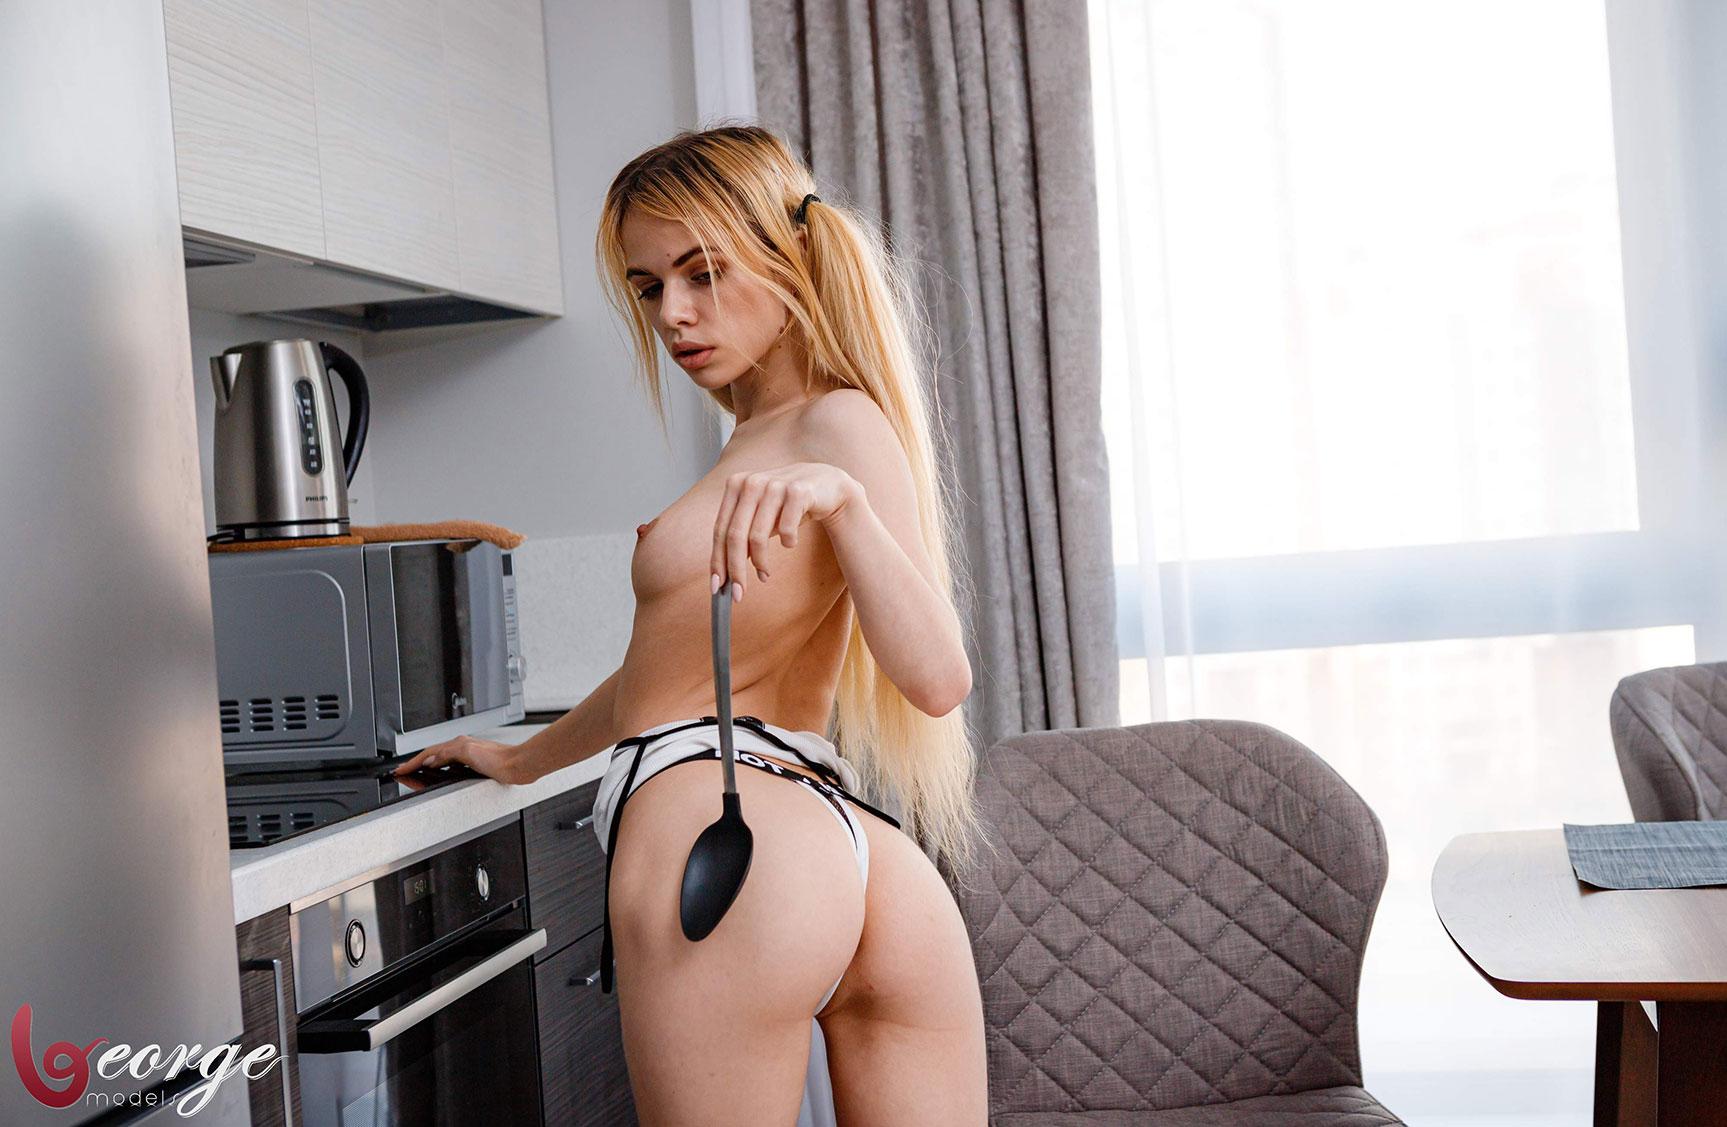 Саша Смелова готовит пиццу и развлекается с ней / фото 09